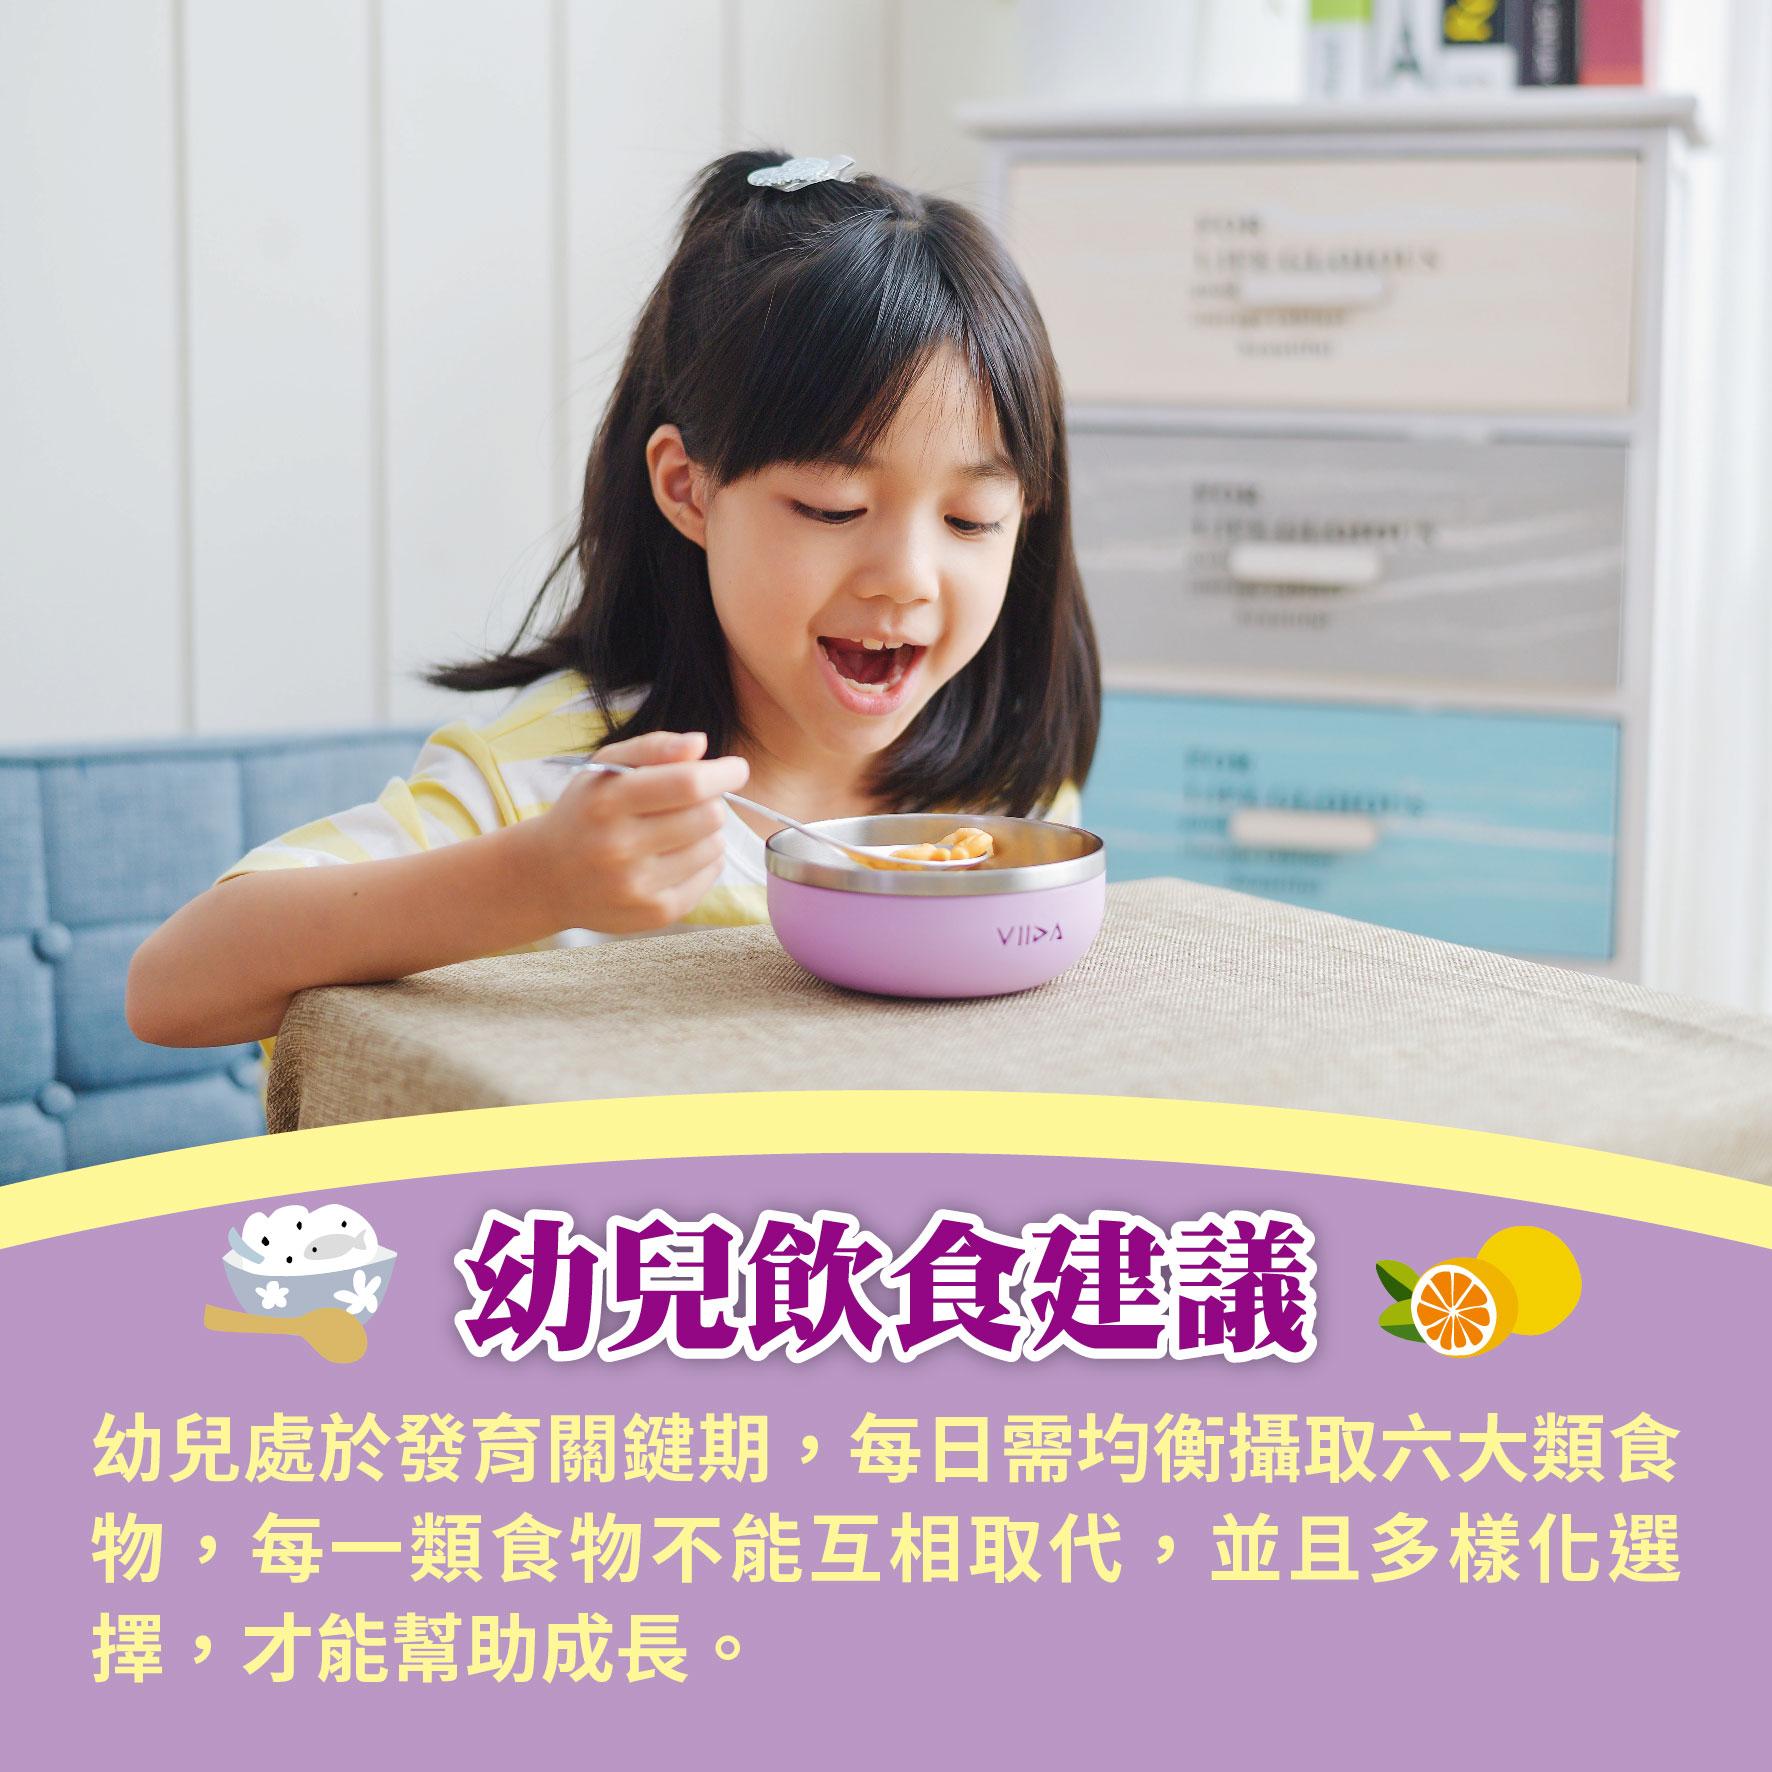 幼兒6歲(第16週)幼兒飲食建議